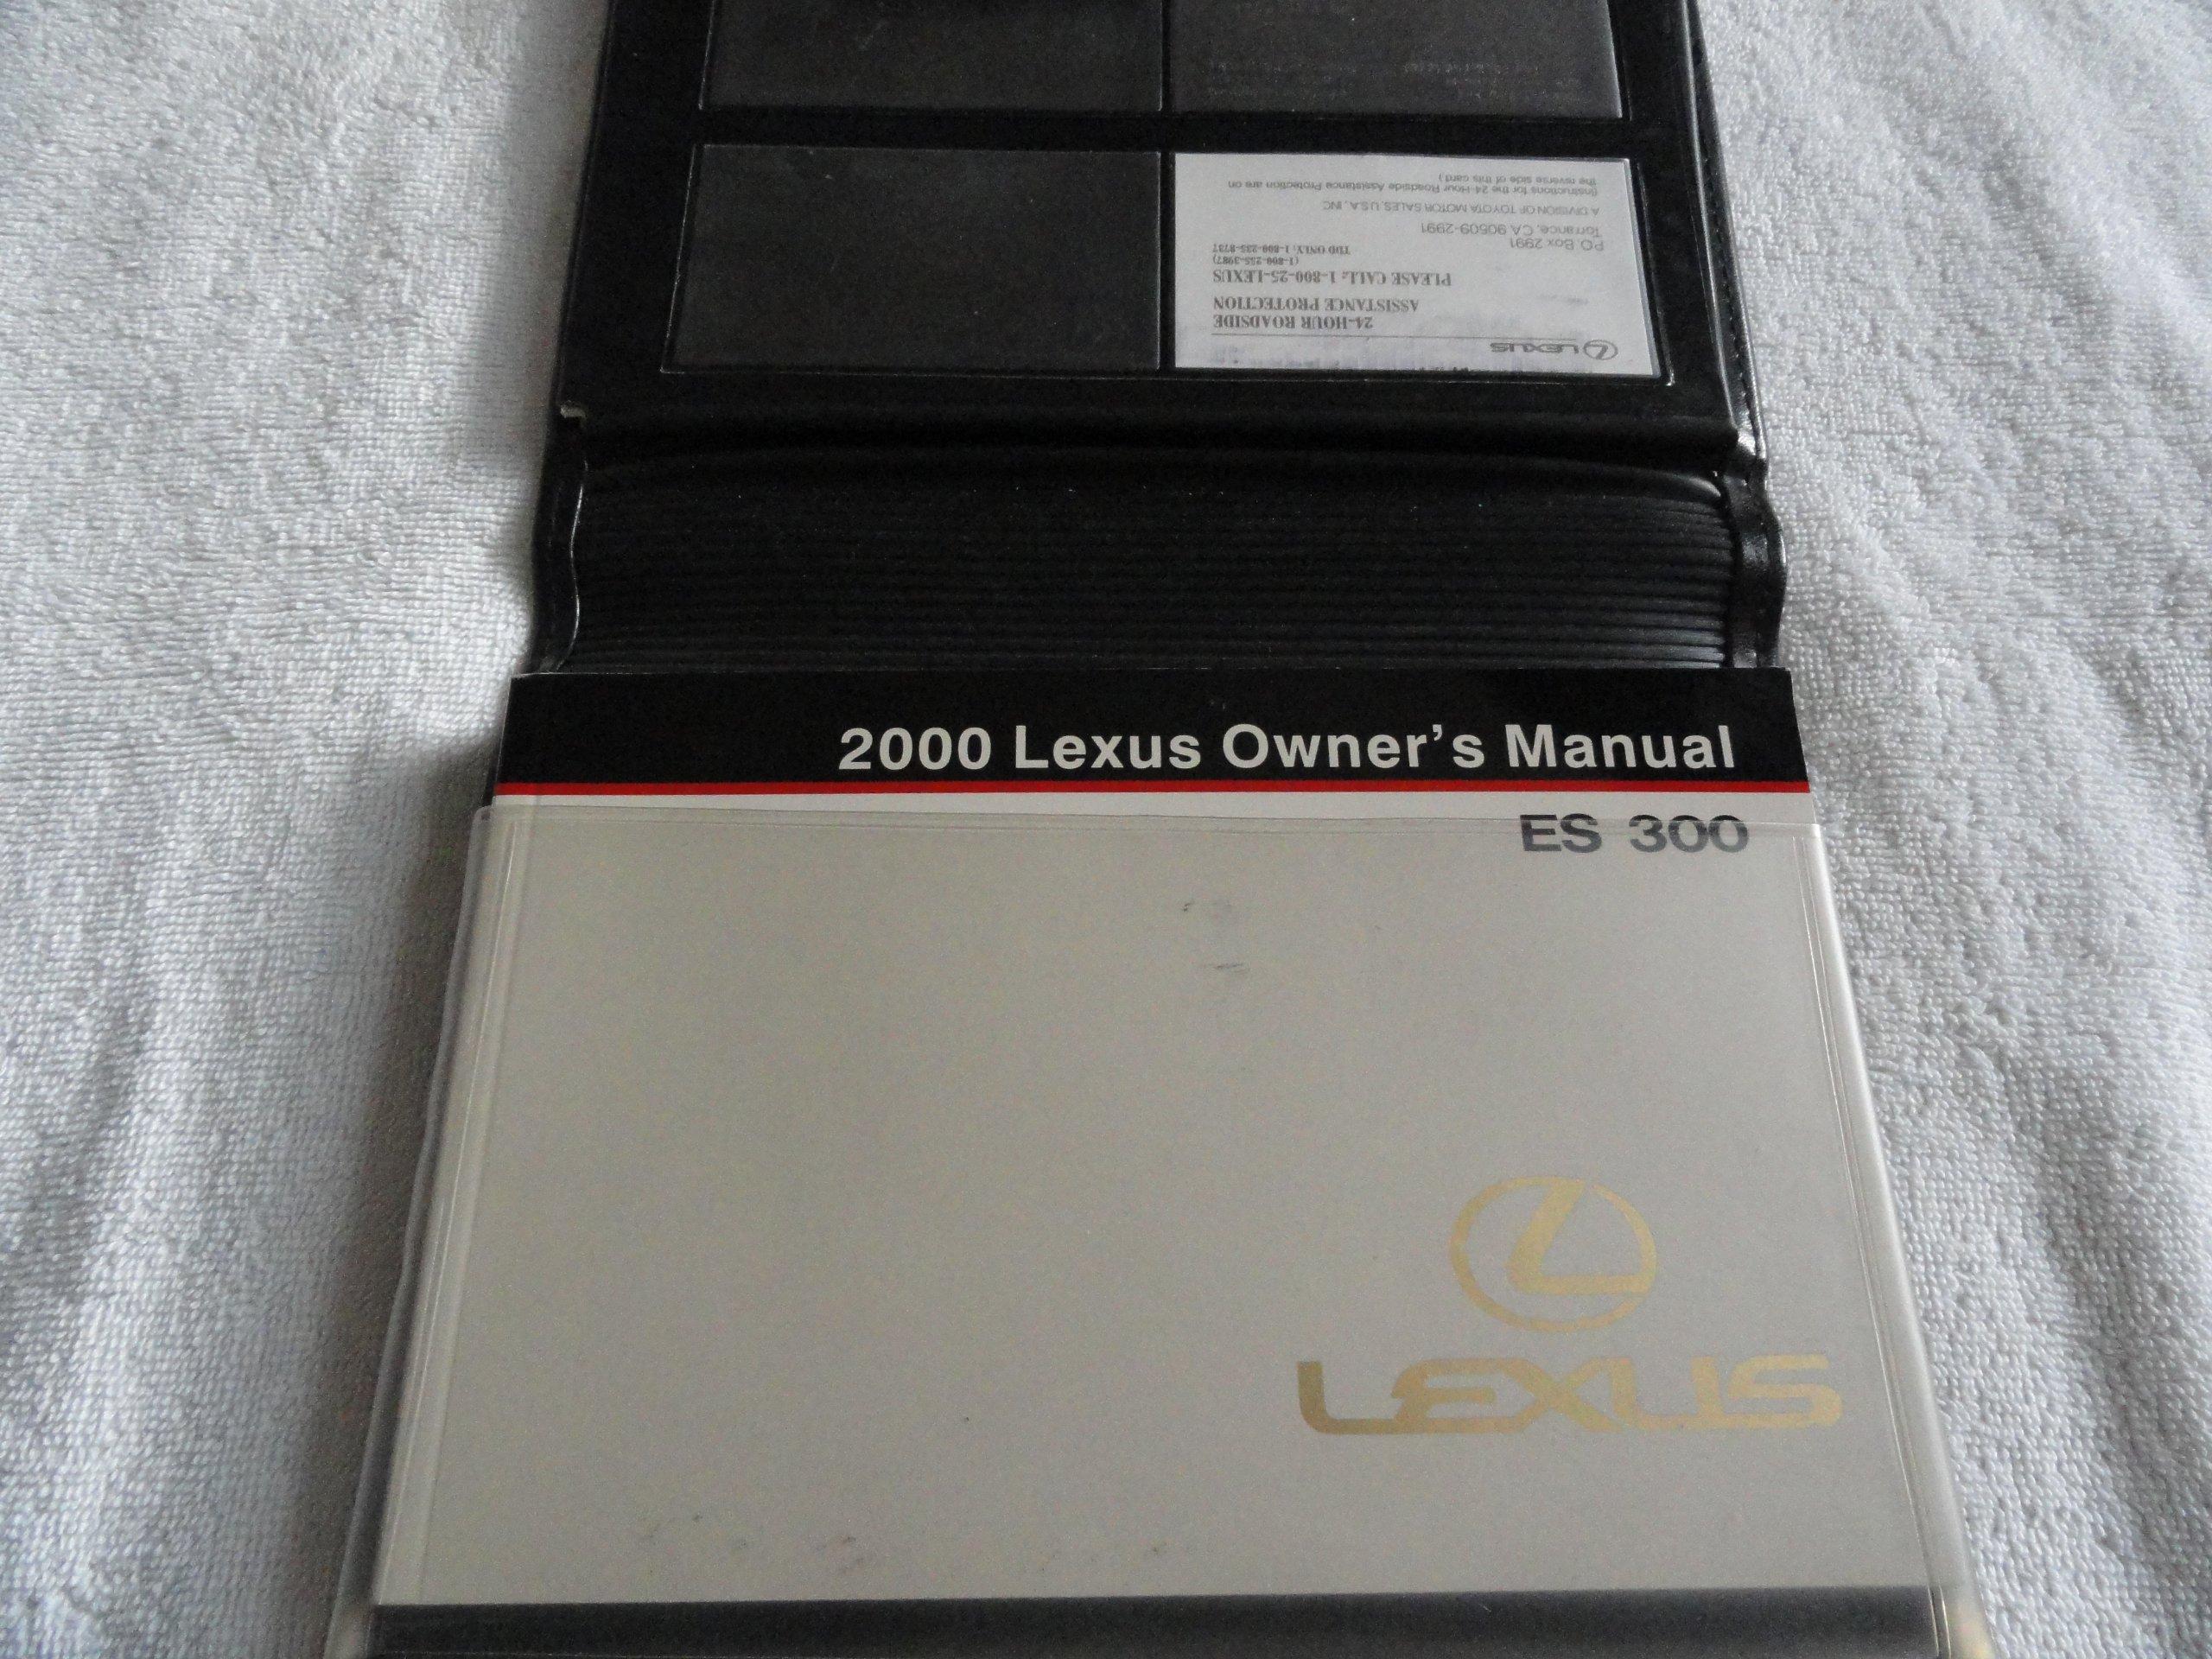 2000 lexus es300 es 300 owners manual lexus amazon com books rh amazon com 2000 lexus gs300 repair manual pdf 2000 lexus es300 repair manual pdf